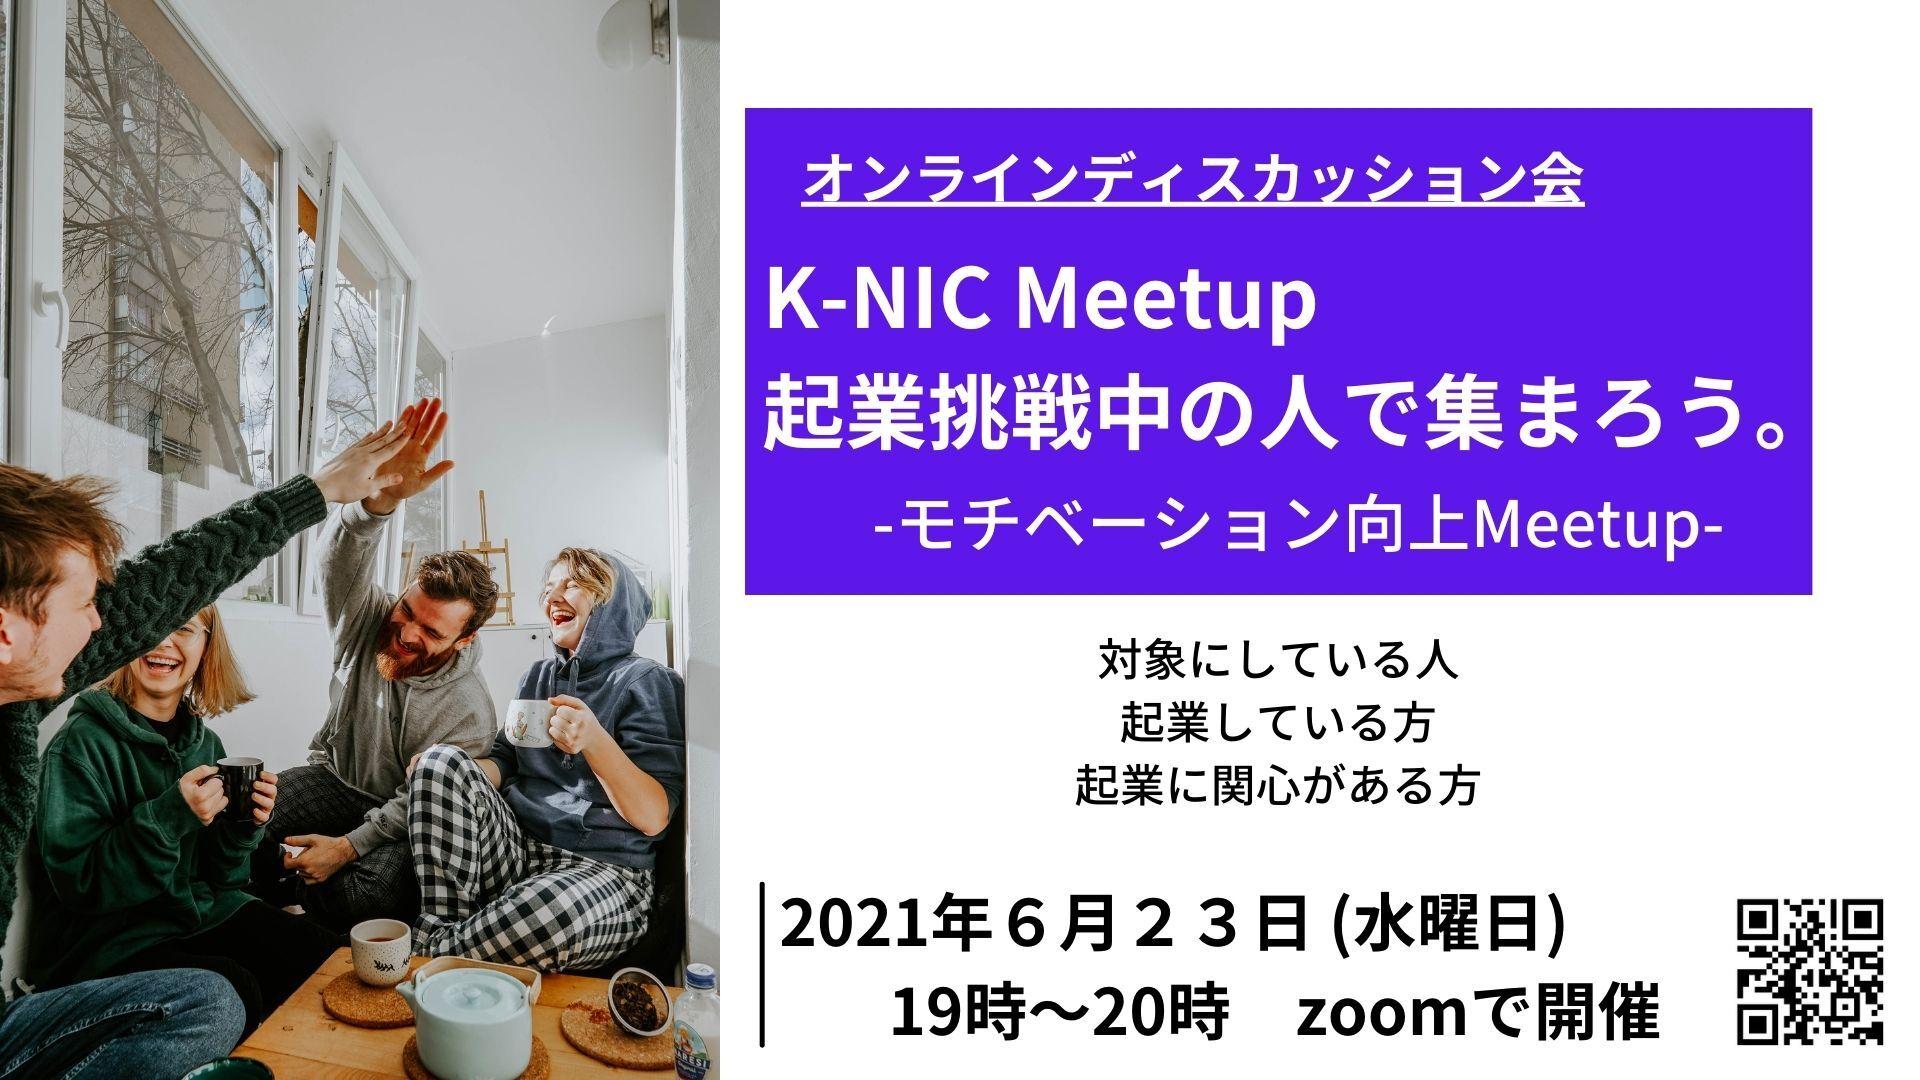 【6/23開催】K-NIC Meetup 起業挑戦中の人で集まろう。